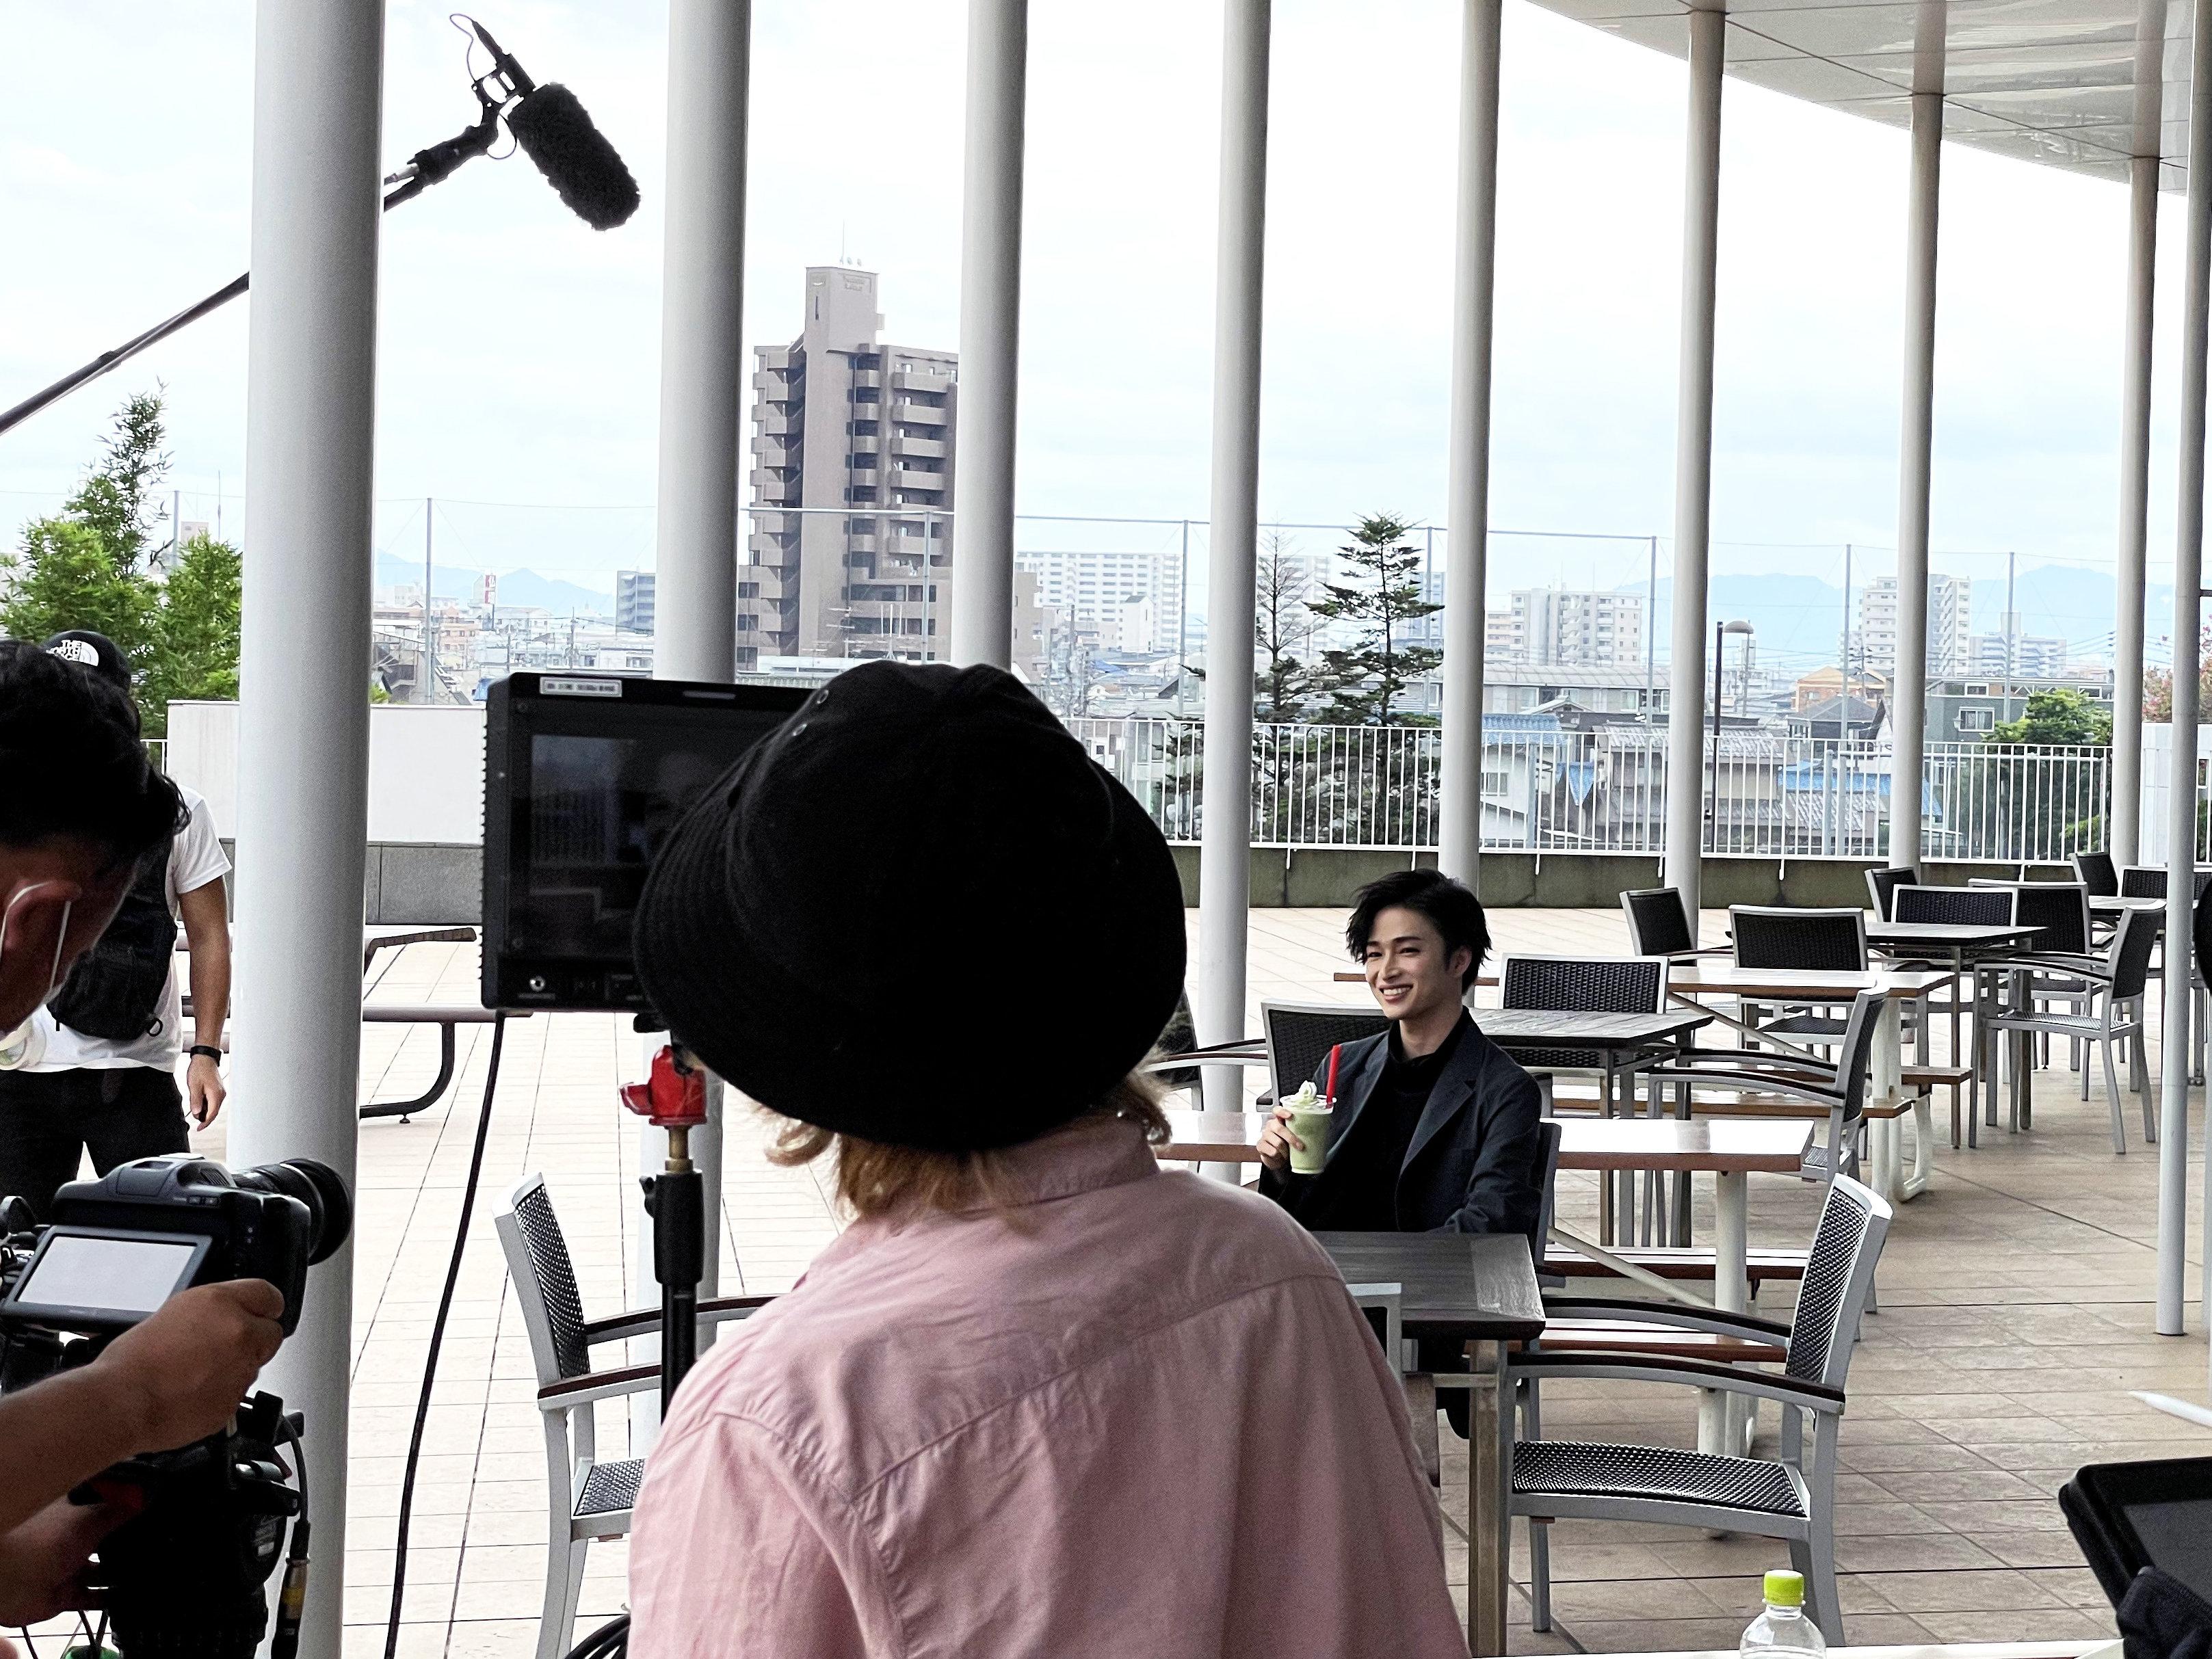 曽田センパイが学内のお気に入りの場所を案内